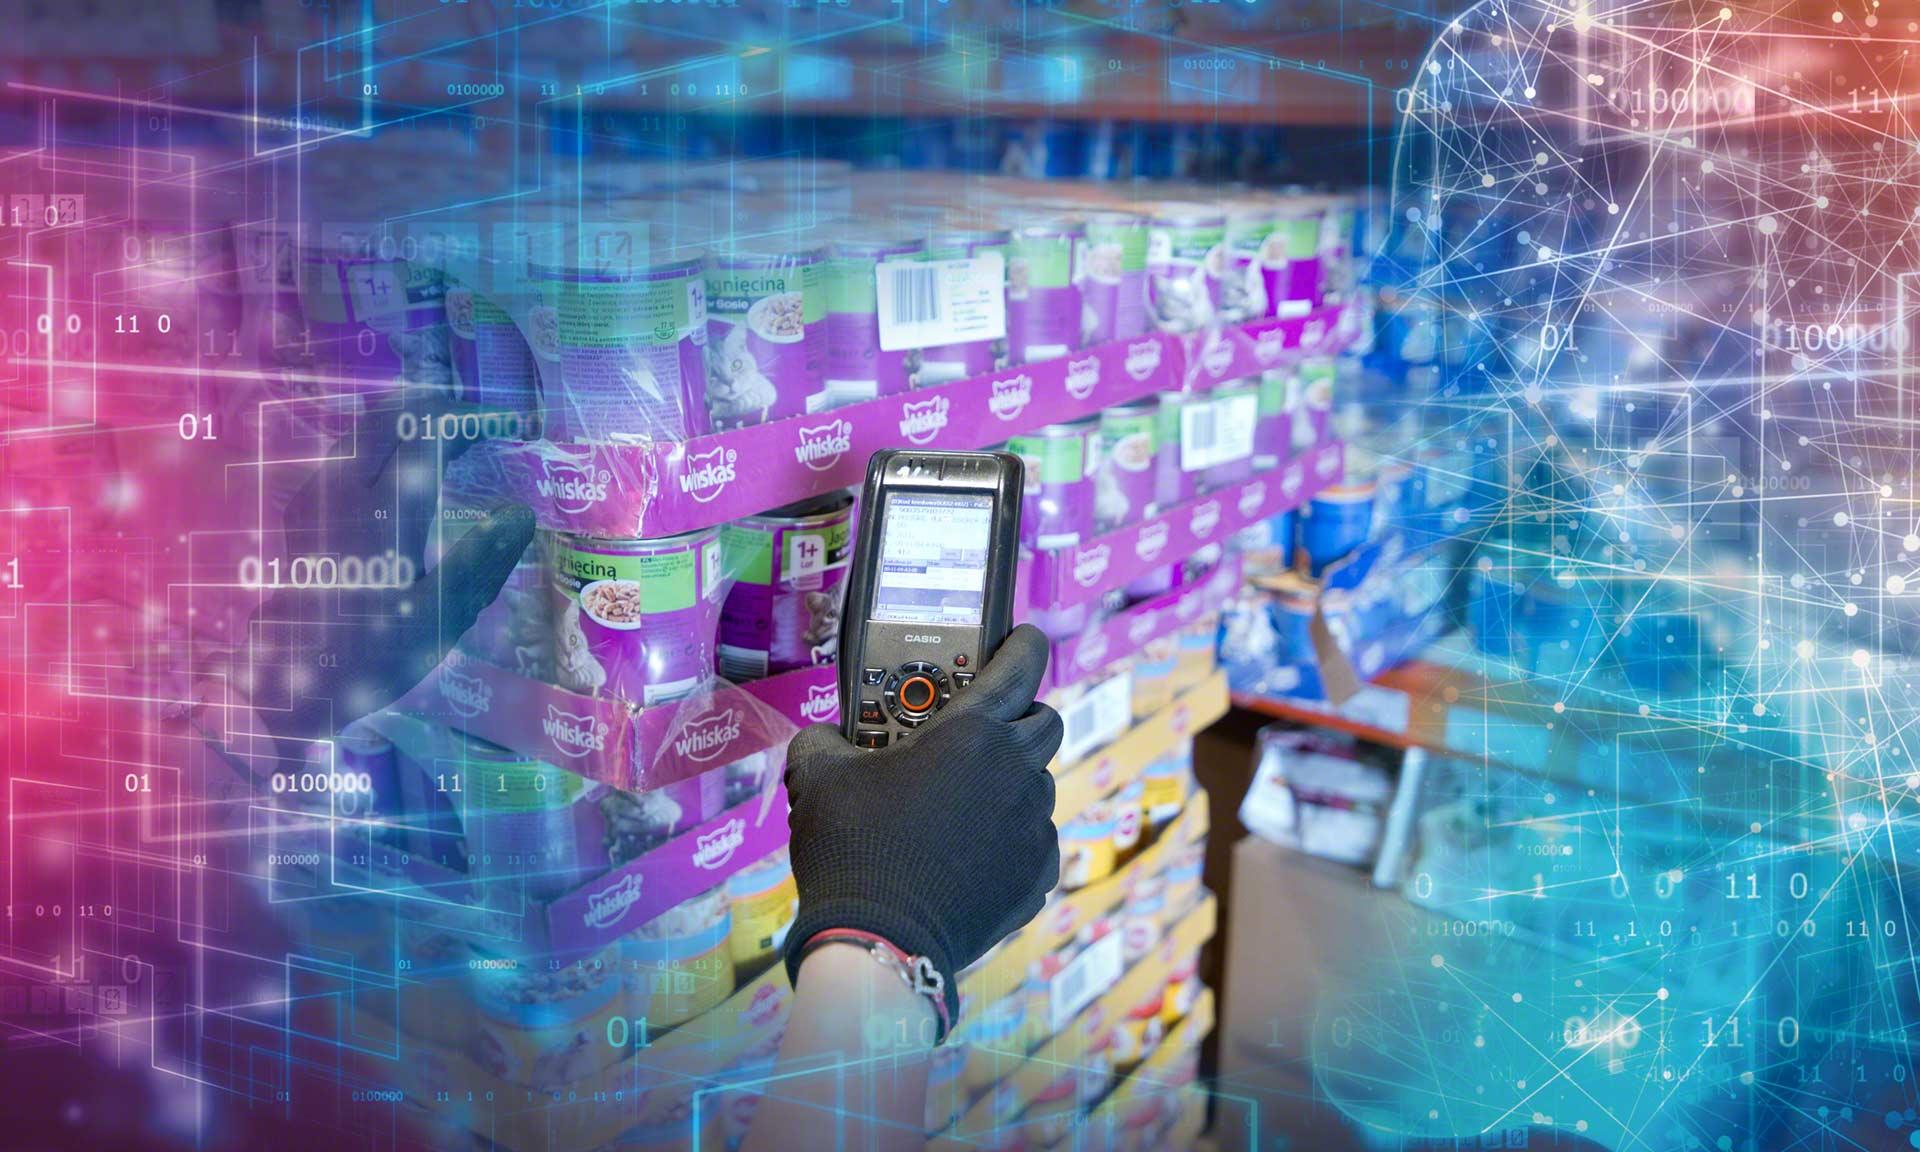 El código SSCC es un estándar global que identifica cada unidad de carga que entra o sale del almacén